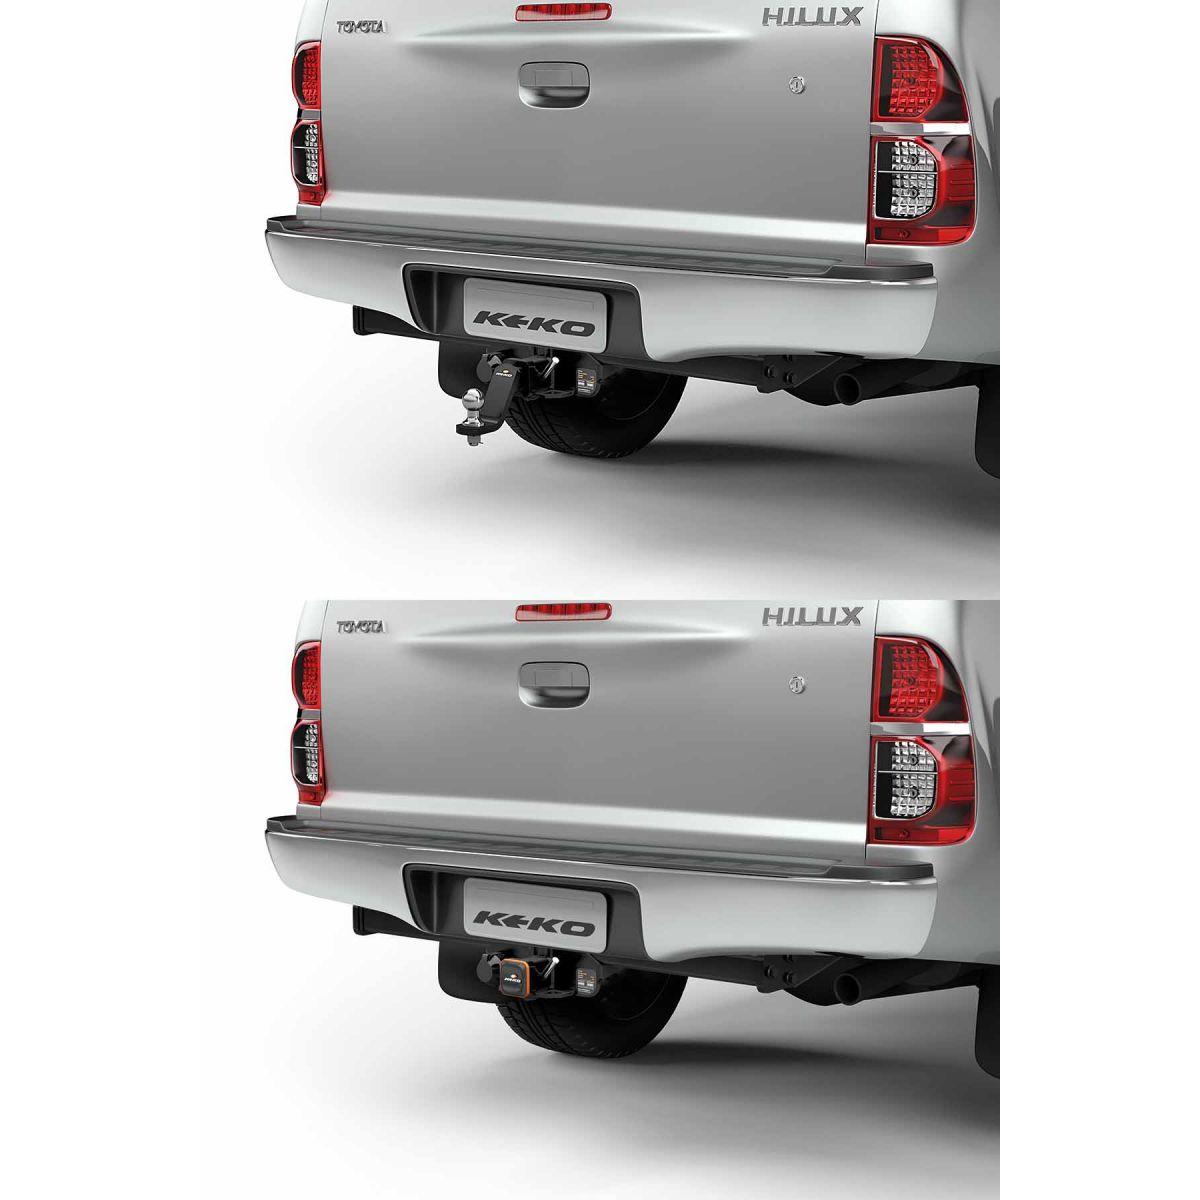 Engate de reboque Hilux 2005 a 2015 Keko K1 removível 1500 kg